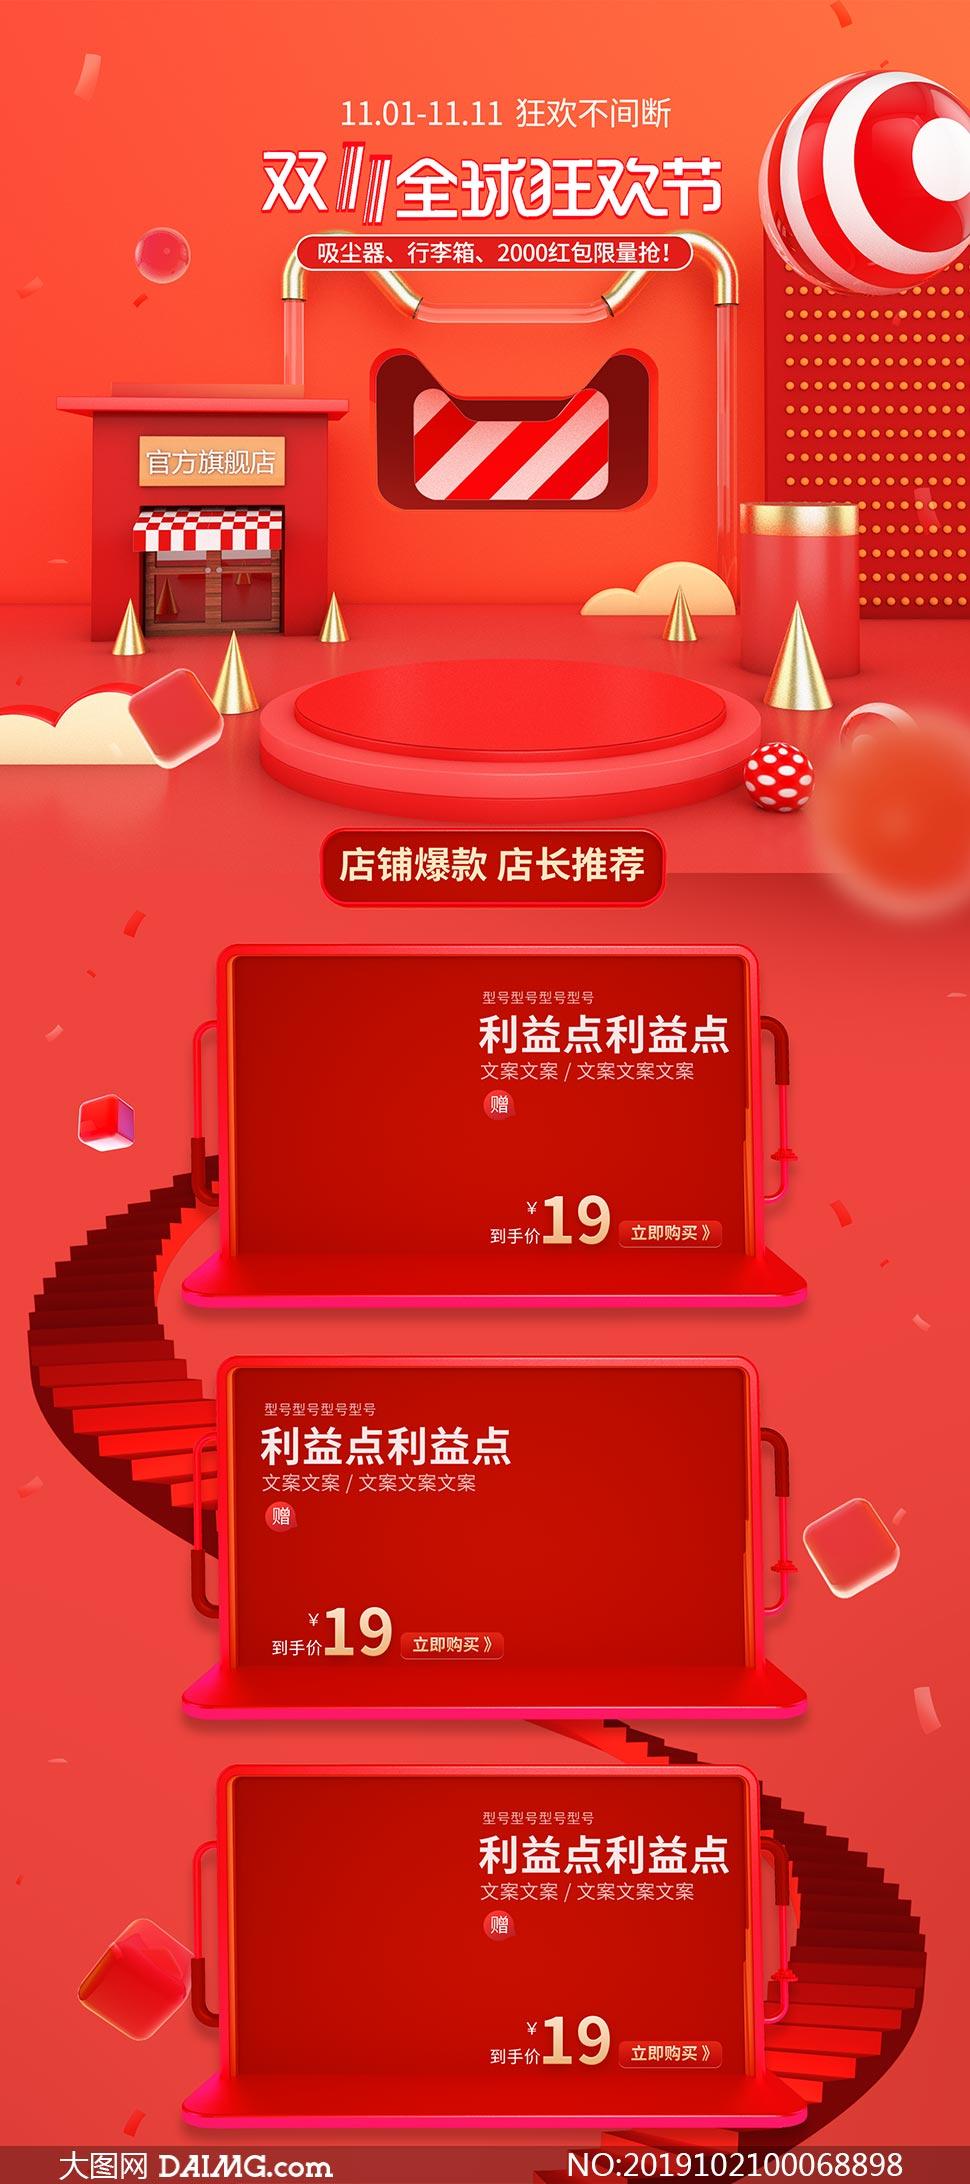 天貓雙11全球狂歡節紅色首頁模板